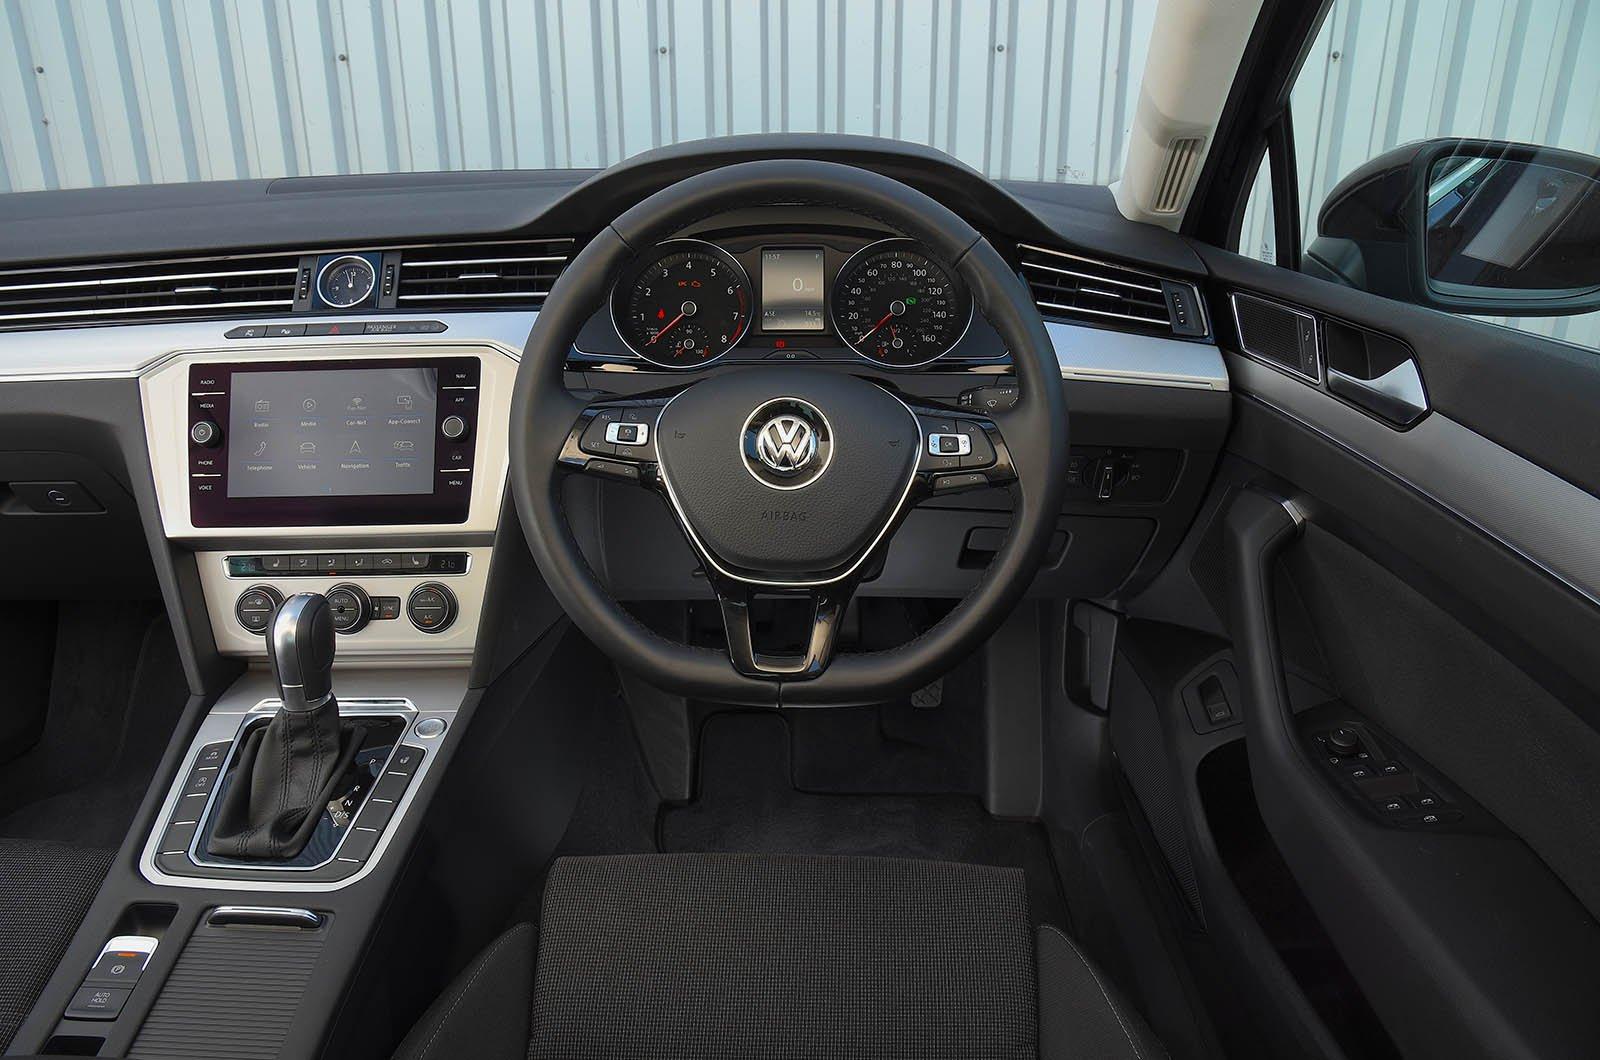 Volkswagen Passat GTE 1.5 TSI Evo 150 - interior